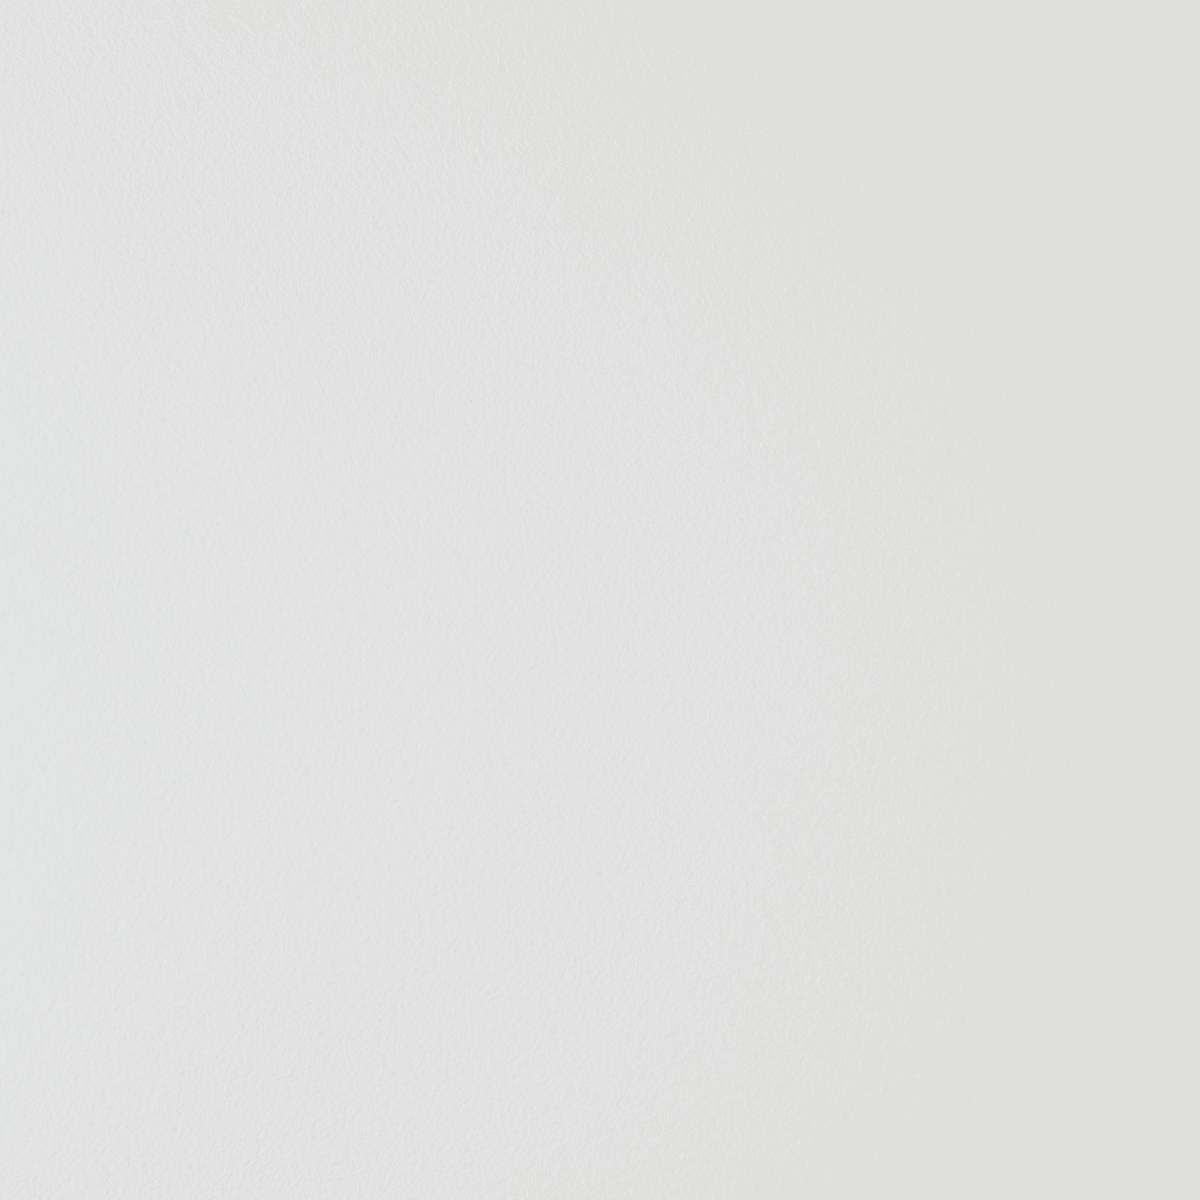 Стеновая панель «Вайт», 300х0.6х65 см, ДСП, цвет белый